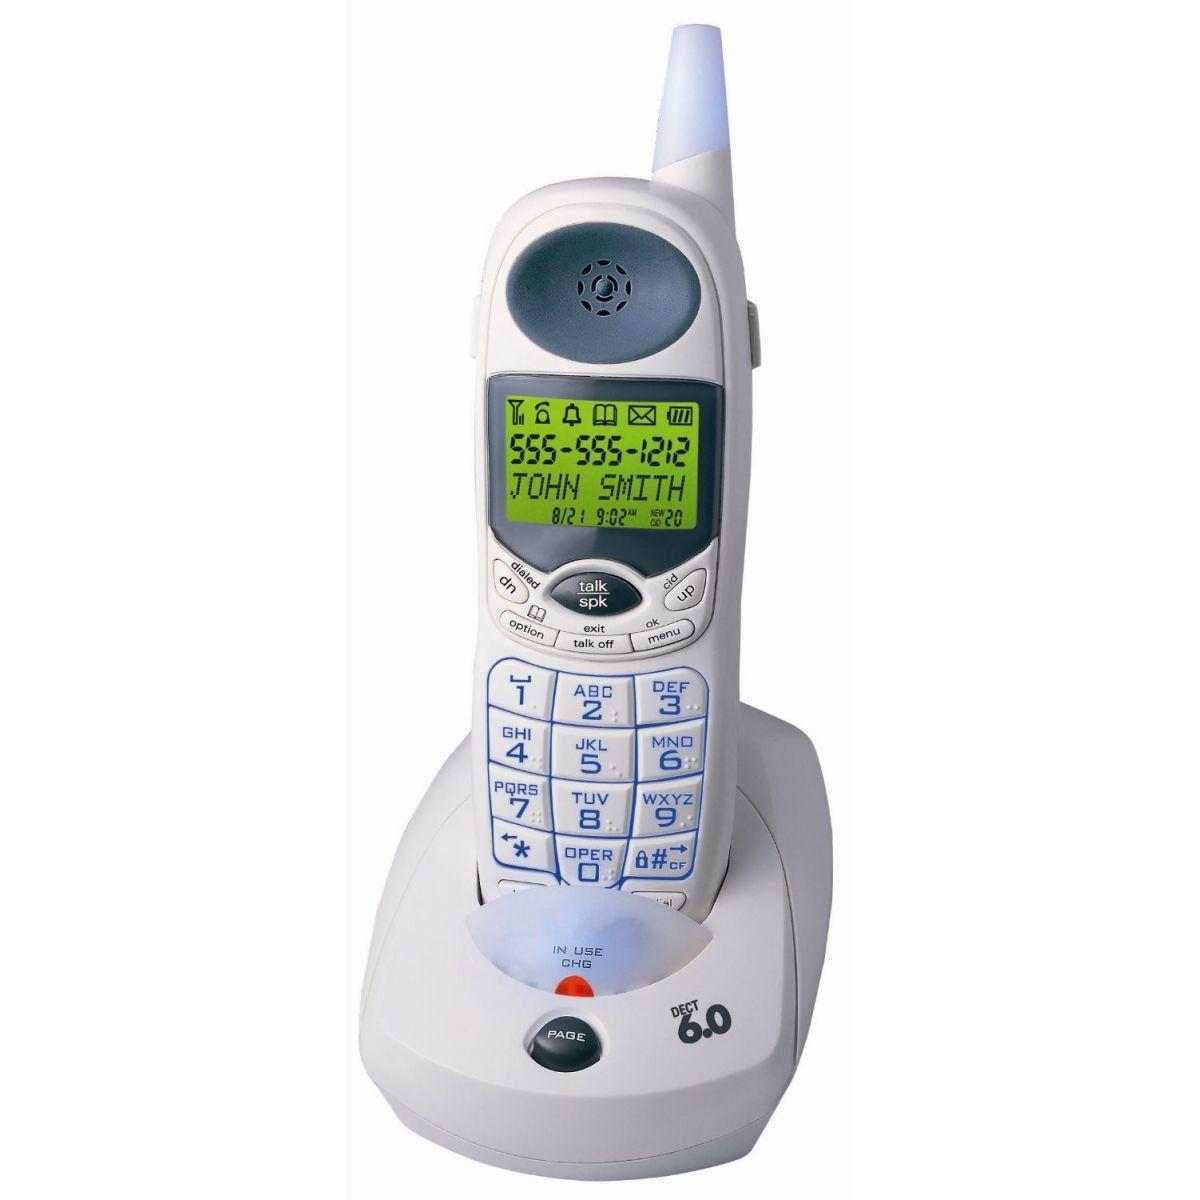 Telefone sem Fio com Teclas em Braille